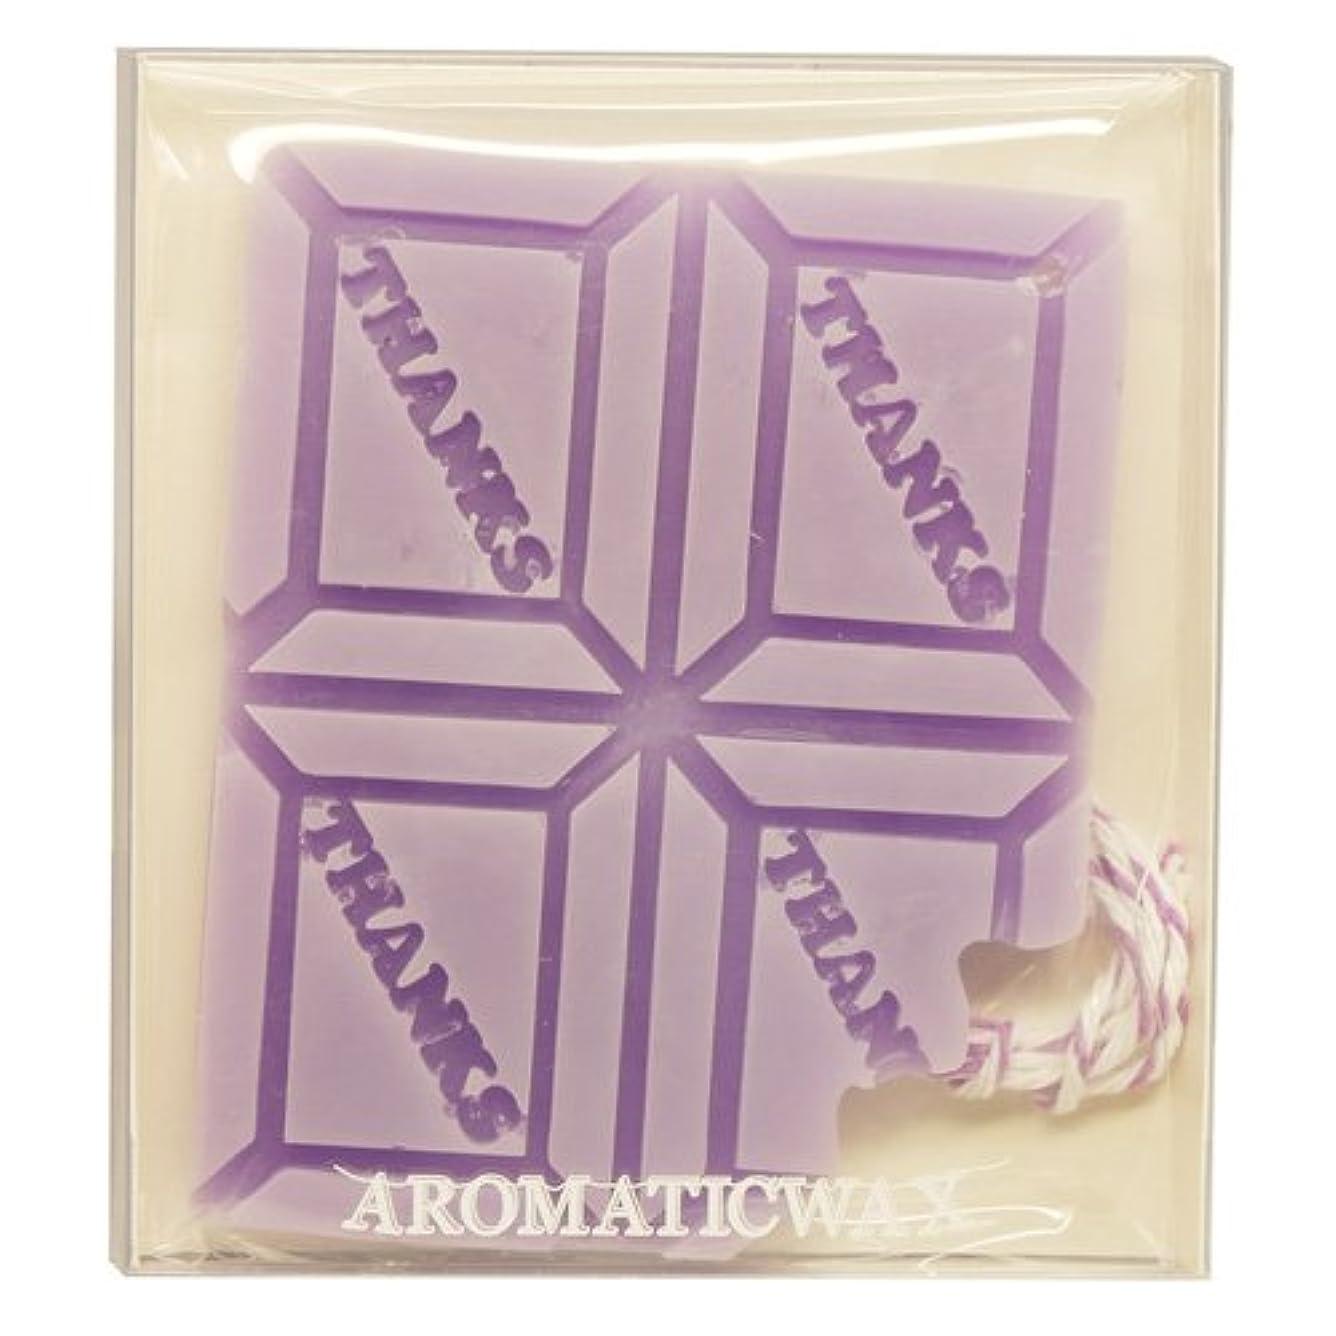 そこアンドリューハリディからに変化するGRASSE TOKYO AROMATICWAXチャーム「板チョコ(THANKS)」(PU) ラベンダー アロマティックワックス グラーストウキョウ